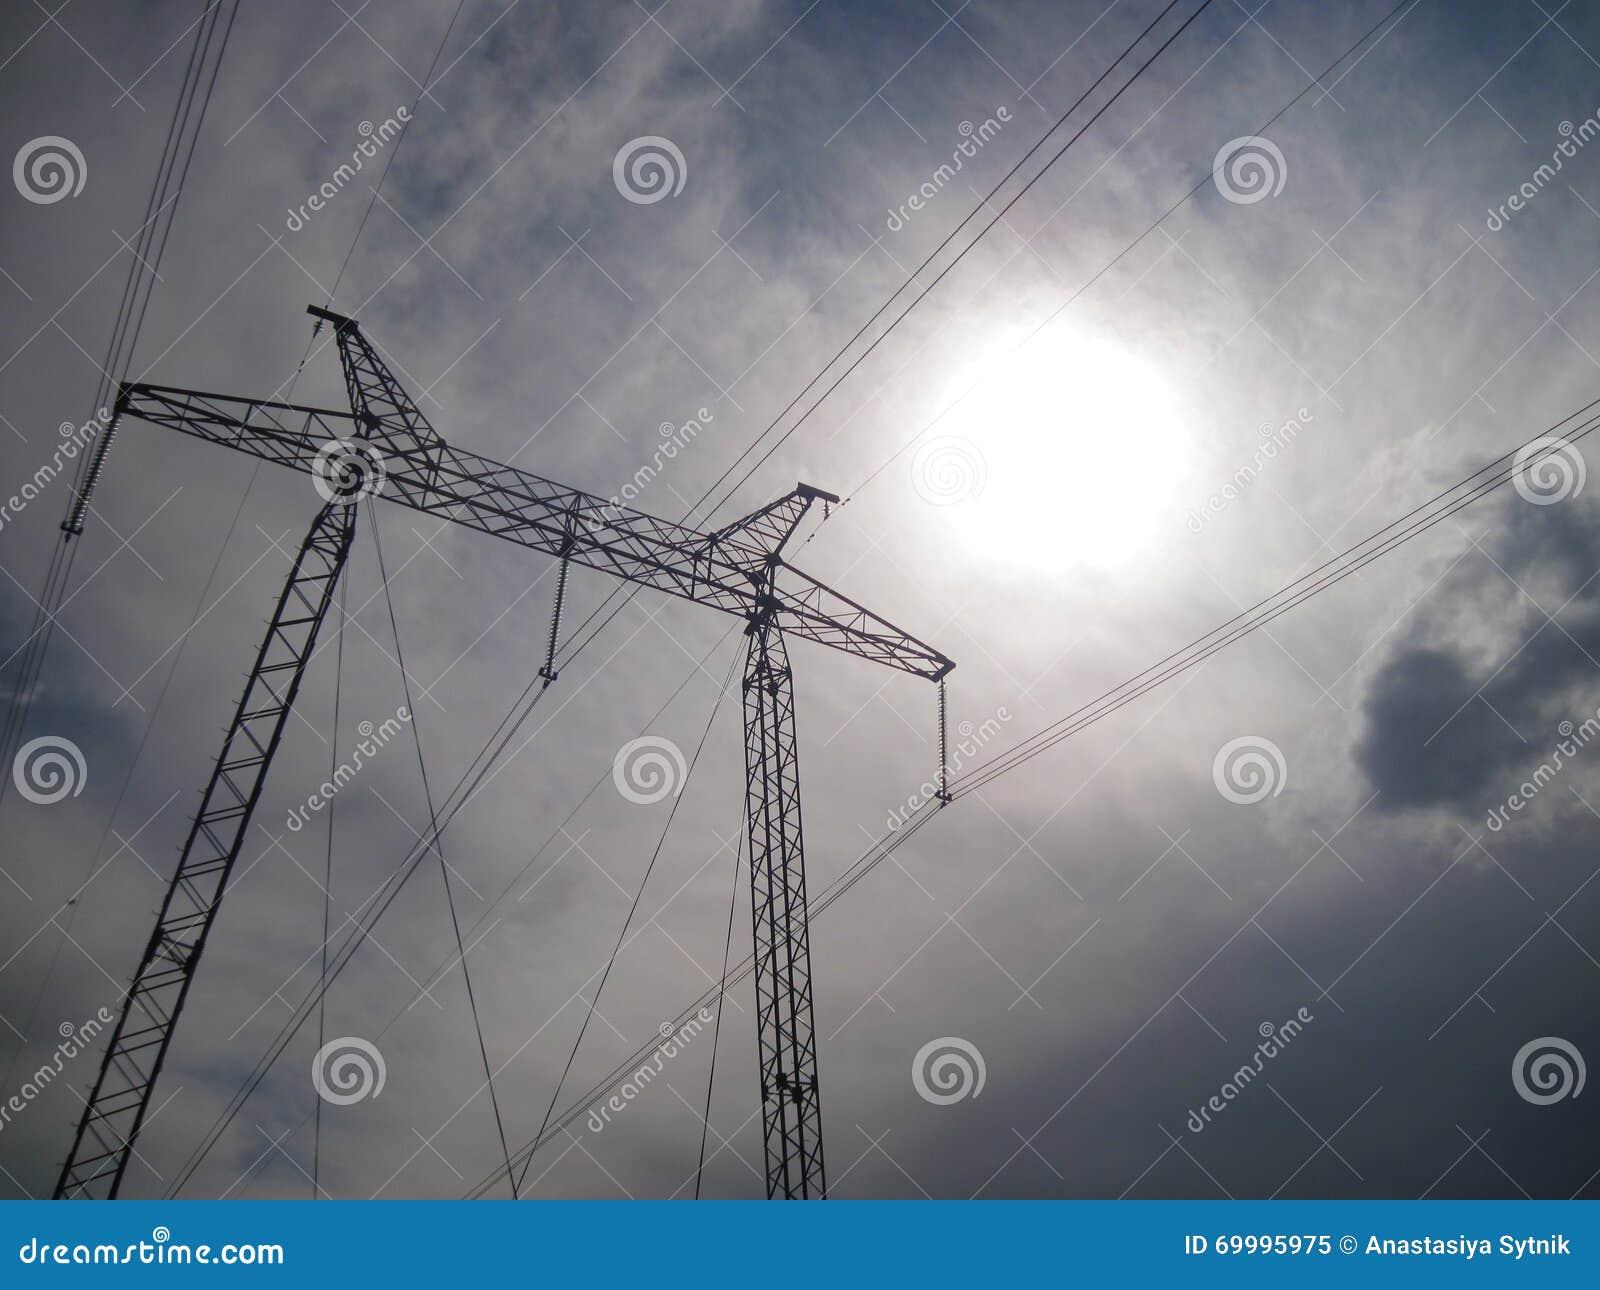 Πυλώνας μετάδοσης ηλεκτρικής ενέργειας που σκιαγραφείται ενάντια στο μπλε ουρανό στο σούρουπο